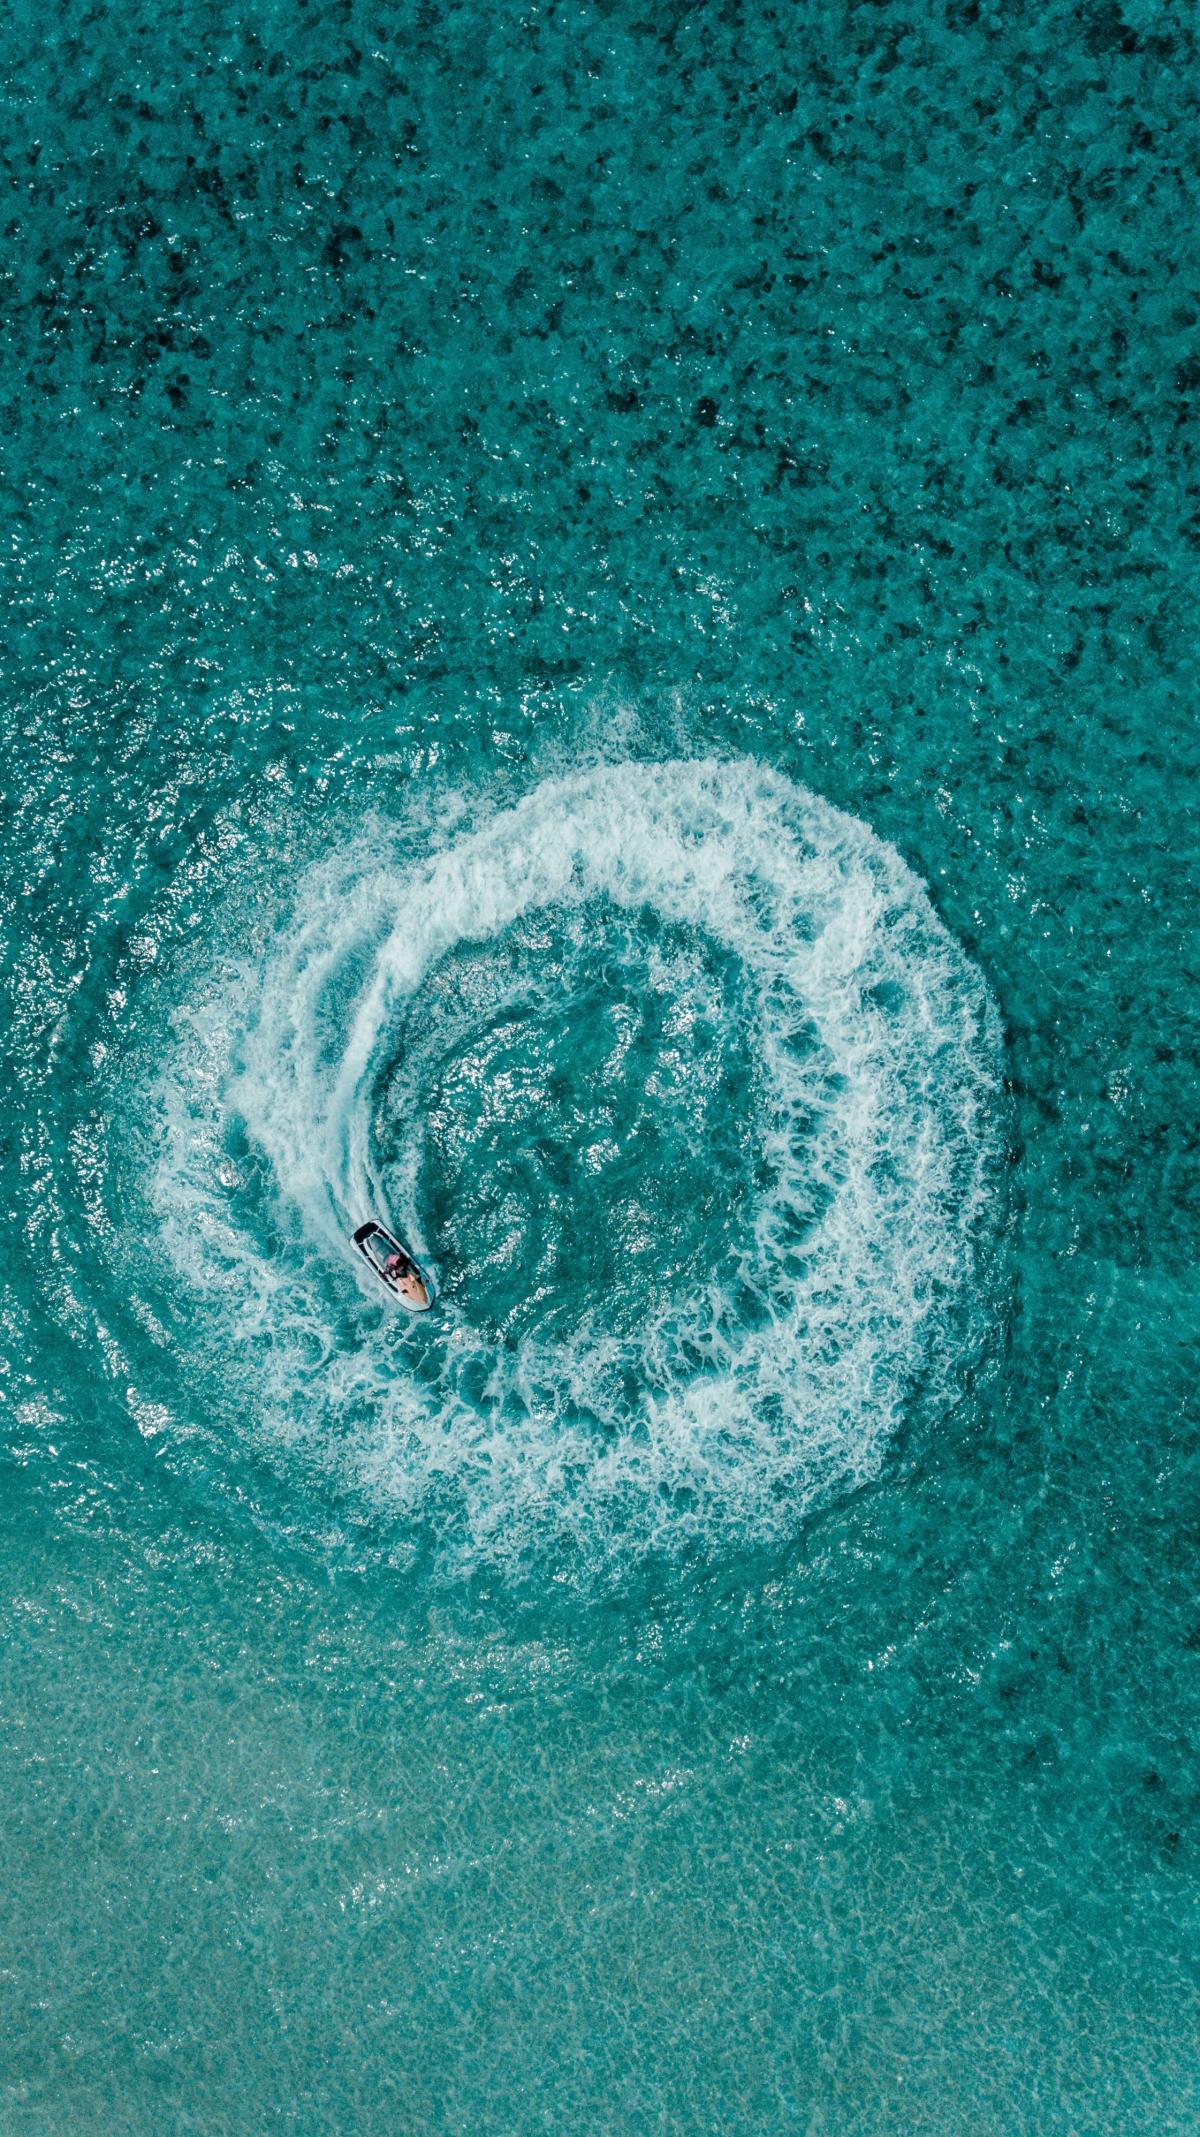 Water Ocean Texture